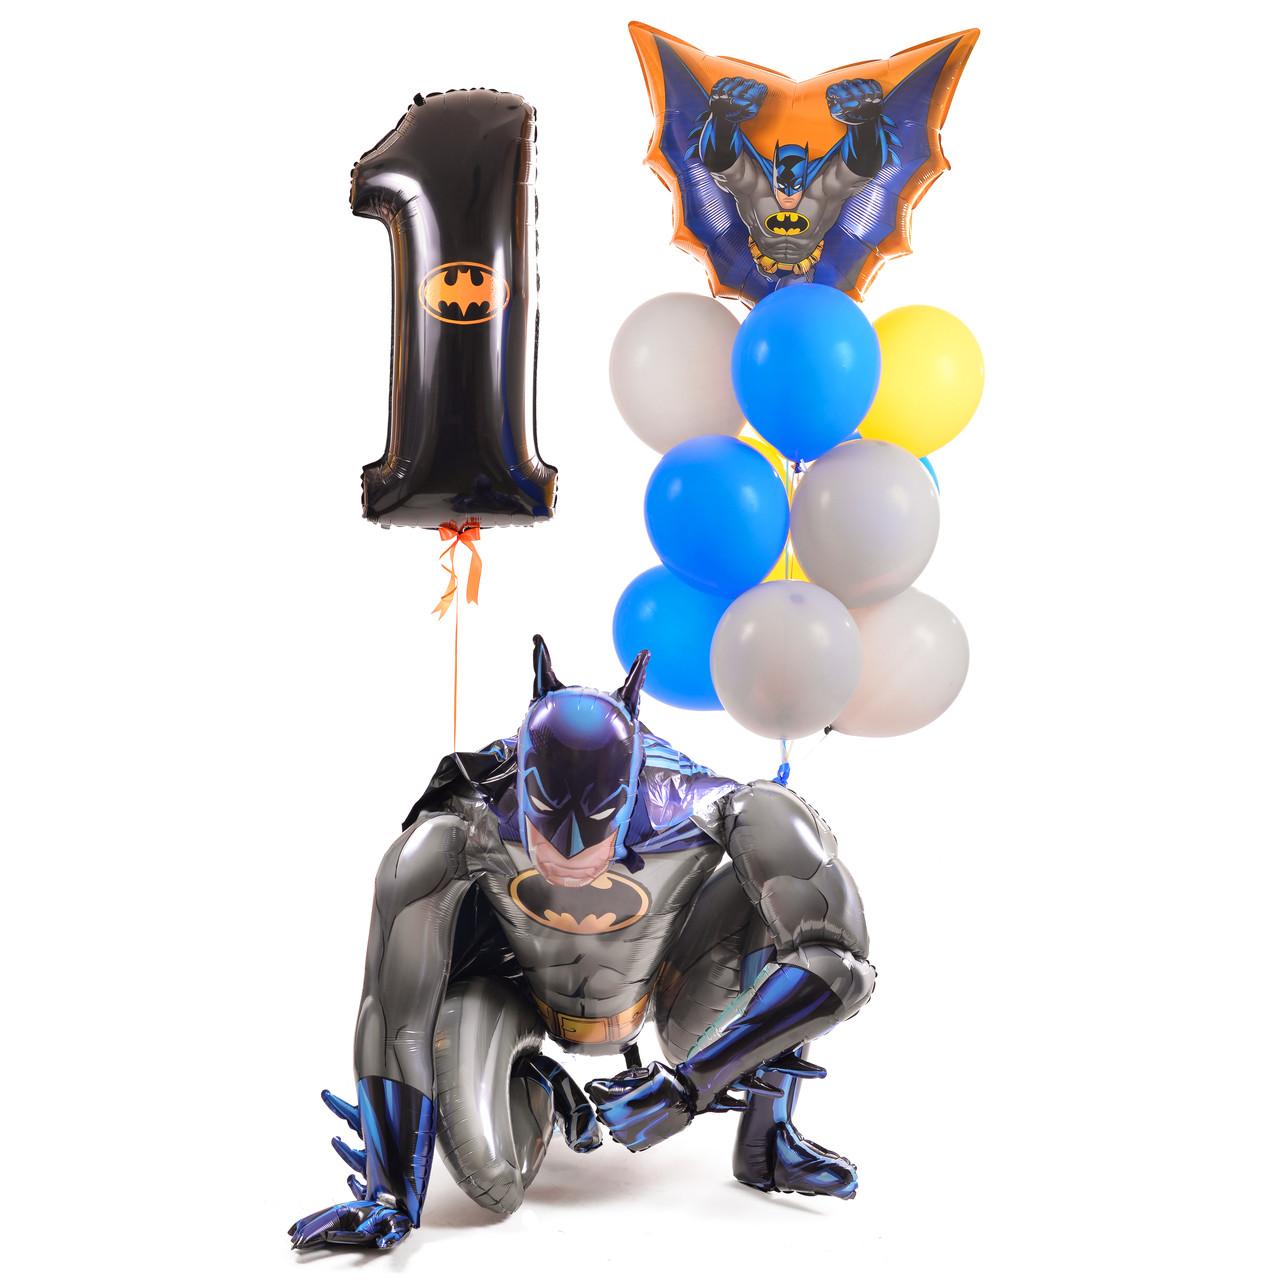 Композиция: ходячая фигура Бэтмен, 12 шариков, фигура Бэтмен в полете и цифра 1 с эмблемой Бэтмена